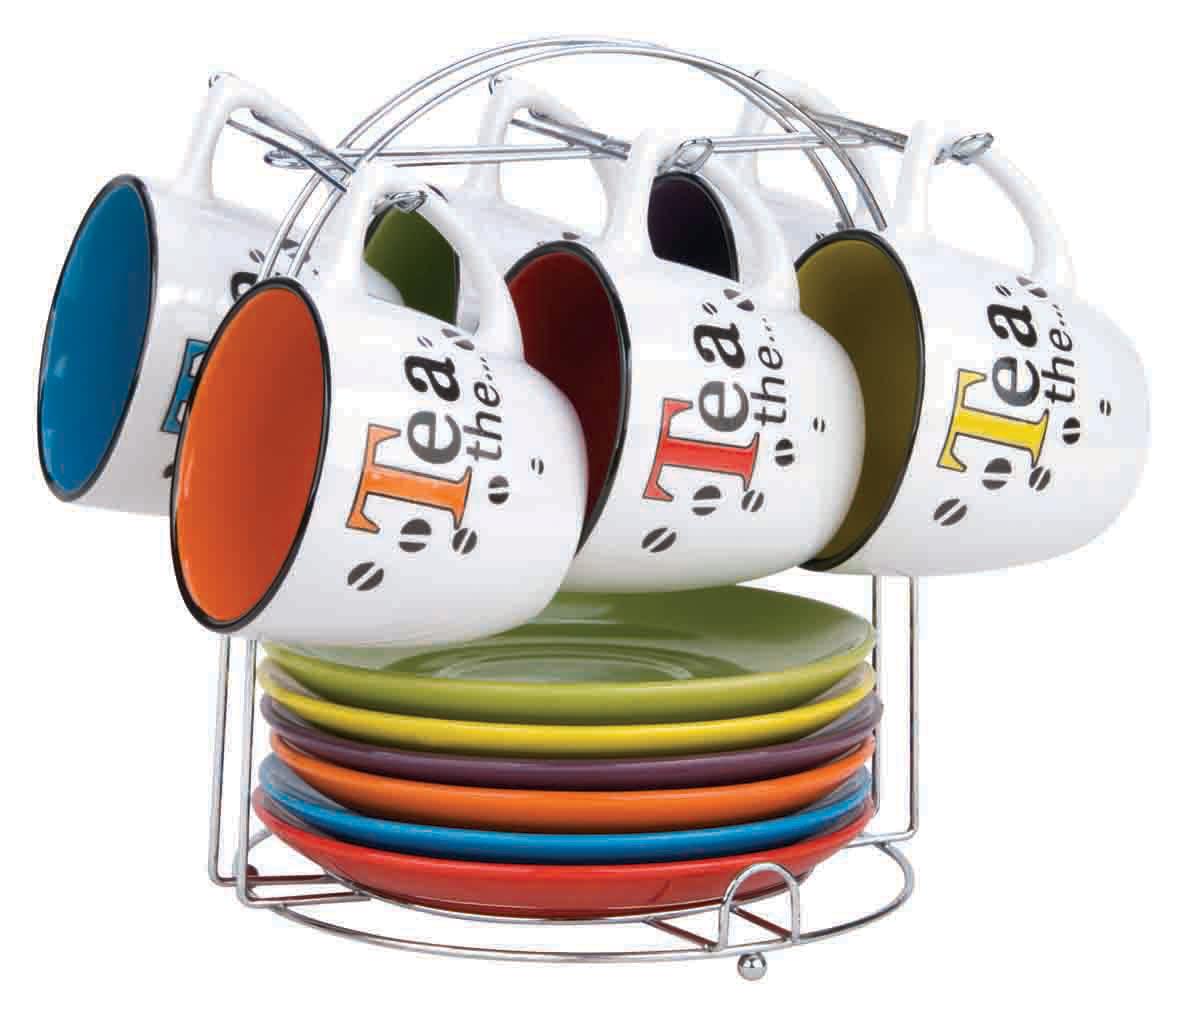 Набор чайный Bekker, 13 предметов. BK-5980BK-5980Чайный набор Bekker состоит из шести чашек и шести блюдец. Предметы набора изготовлены из высококачественной жаропрочной керамики без примесей кадмия и свинца. Глазурованная поверхность облегчает чистку. Внешние стенки кружек оформлены красочным орнаментом на белом фоне; внутренняя поверхность чашек цветная. Блюдца круглой формы однотонные. В комплекте - металлическая хромированная подставка с шестью крючками для подвешивания кружек и подставкой для блюдец. Чайный набор яркого и в тоже время лаконичного дизайна украсит интерьер кухни и сделает ежедневное чаепитие настоящим праздником. Подходит для мытья в посудомоечной машине.